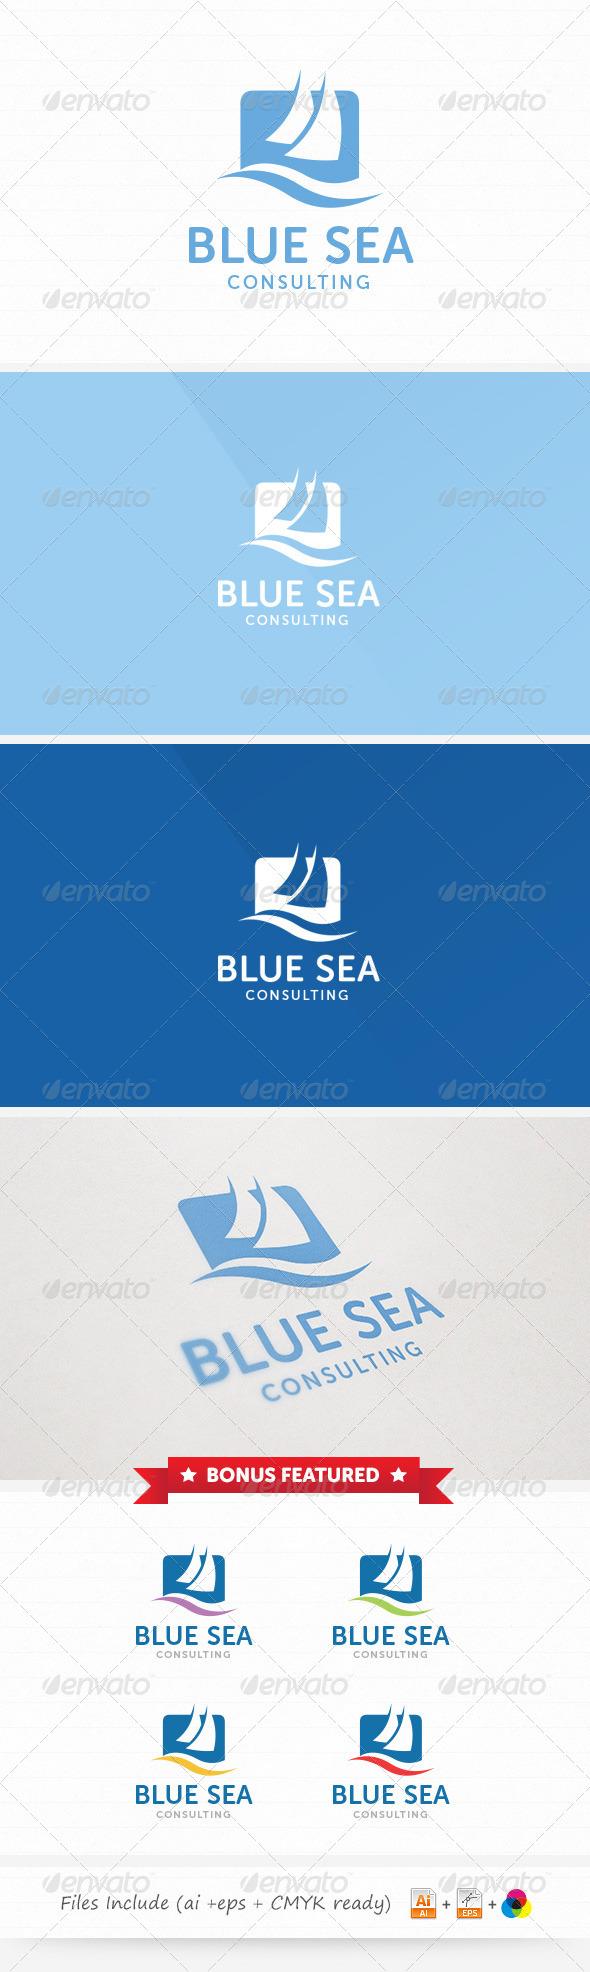 Blue Sea Consulting Logo - Abstract Logo Templates